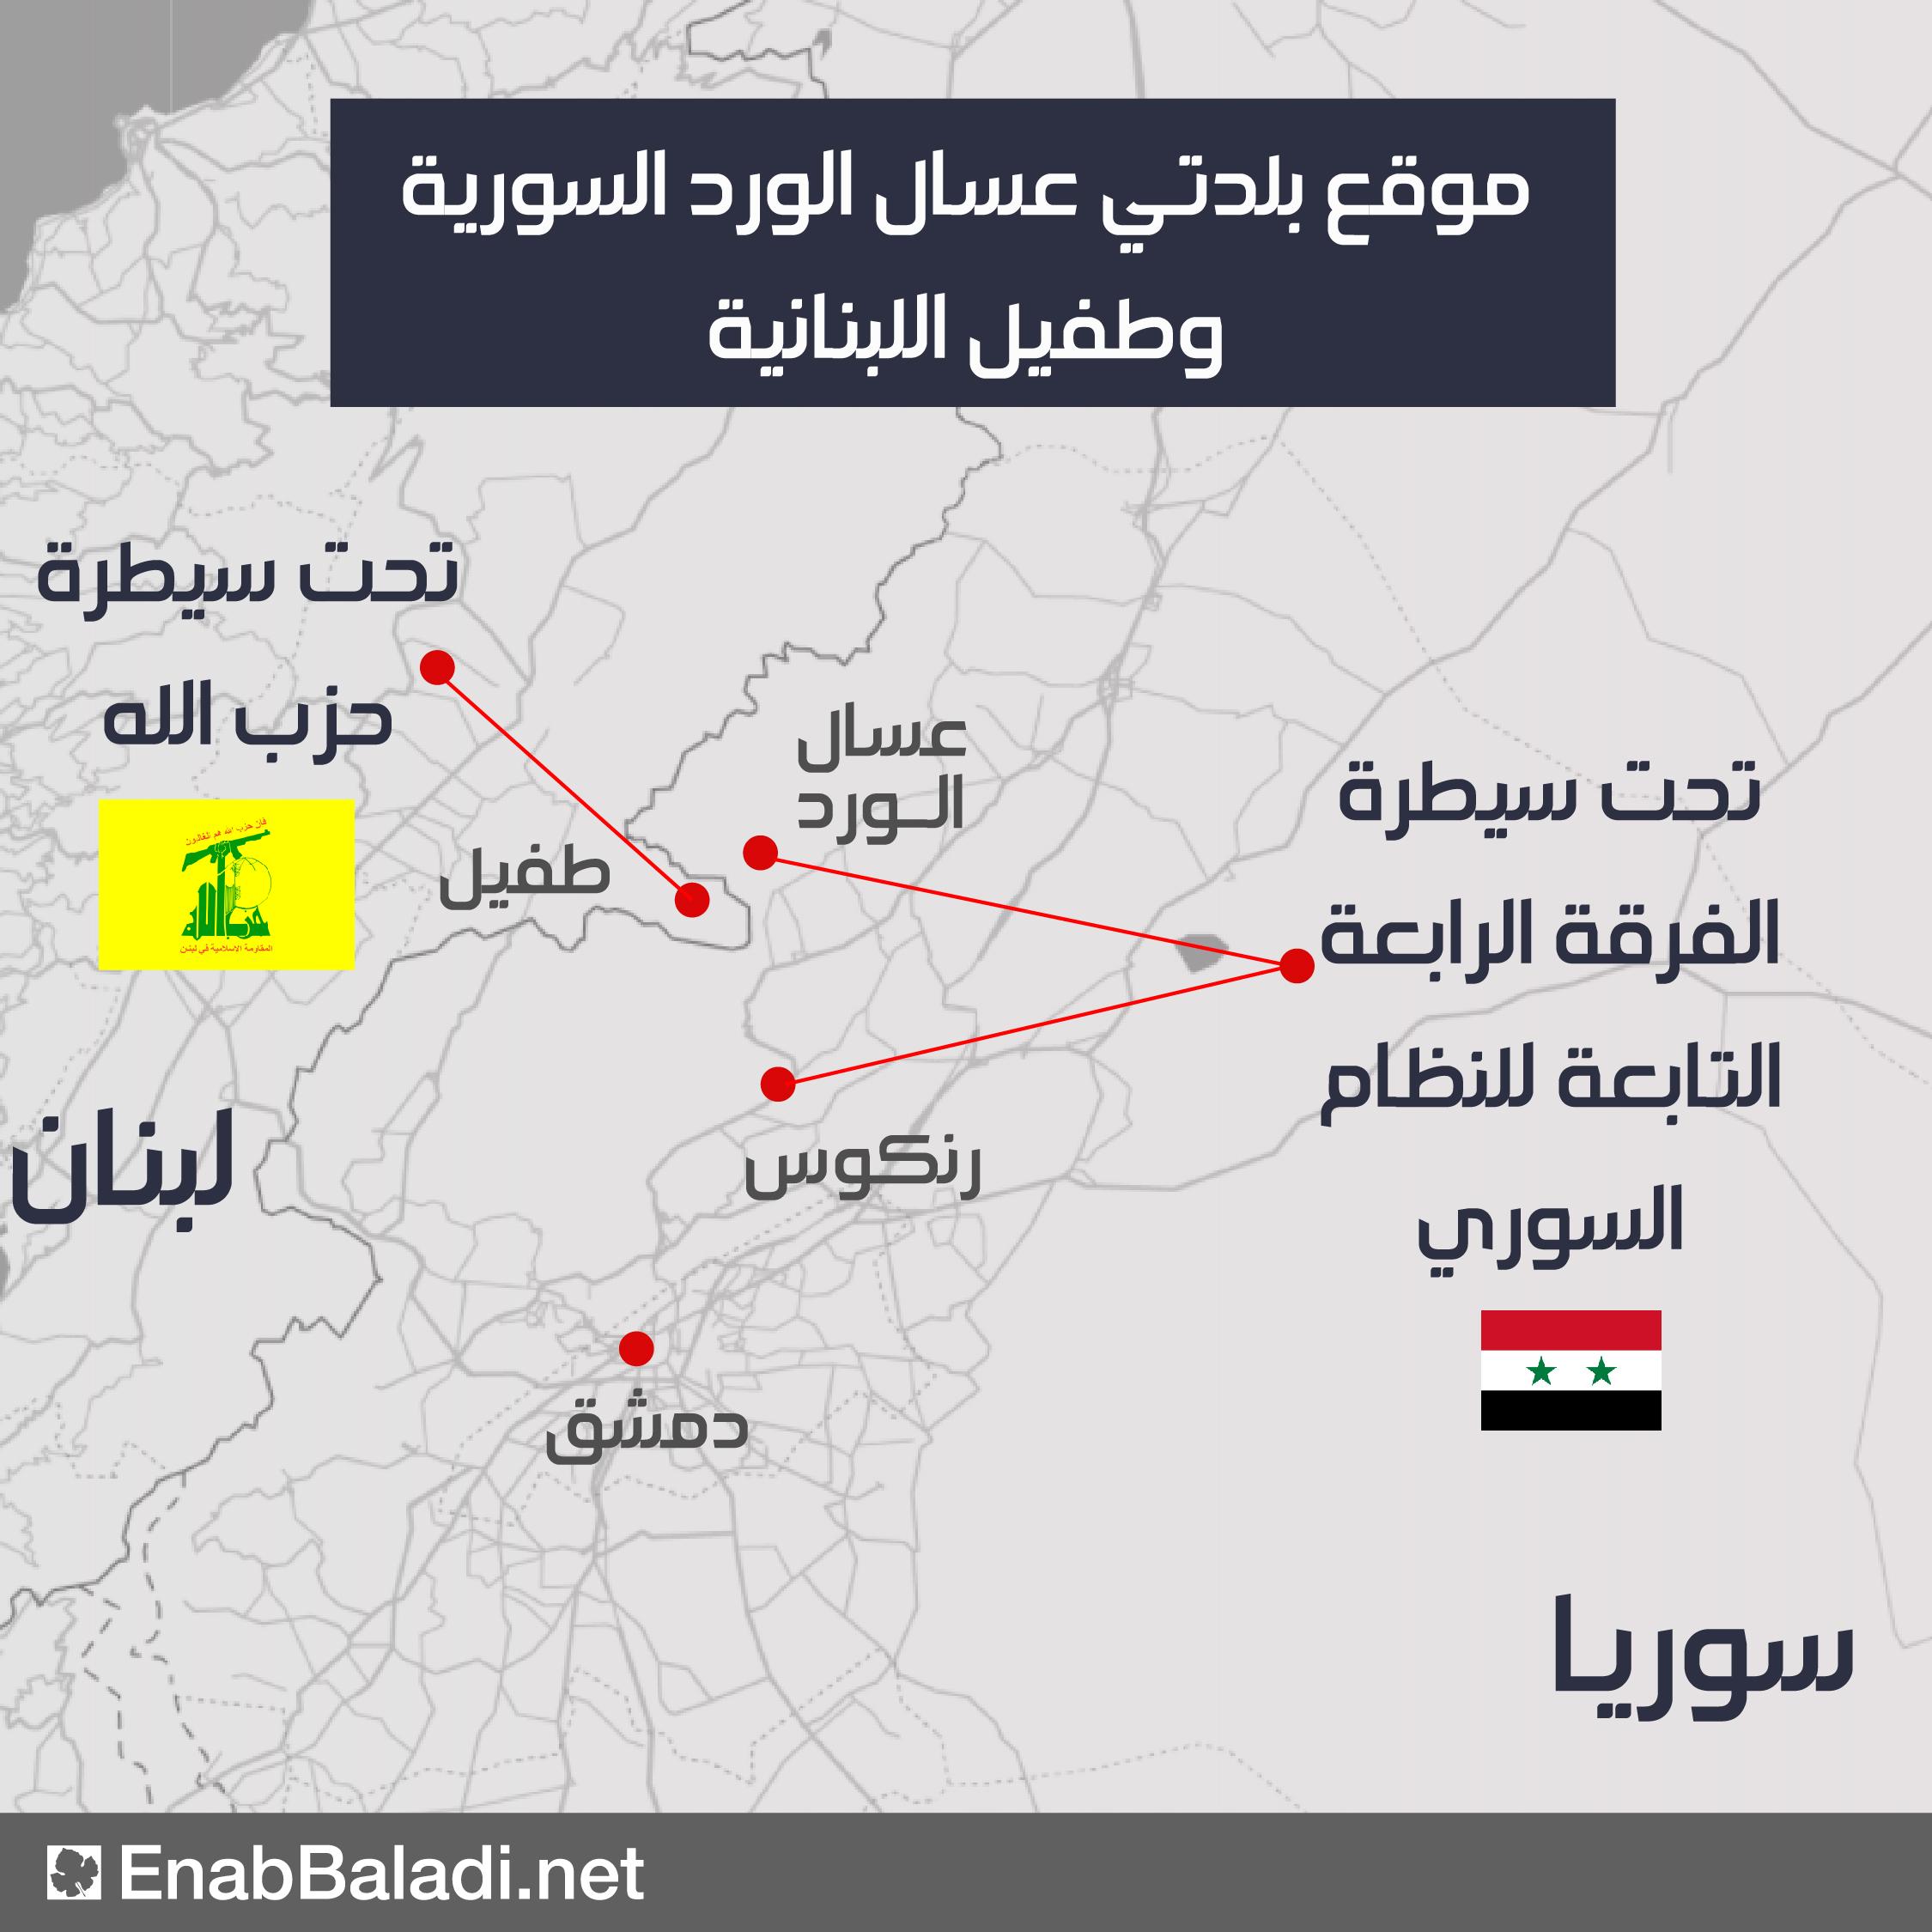 موقع بلدتي عسال الورد السورية وطفيل اللبنانية